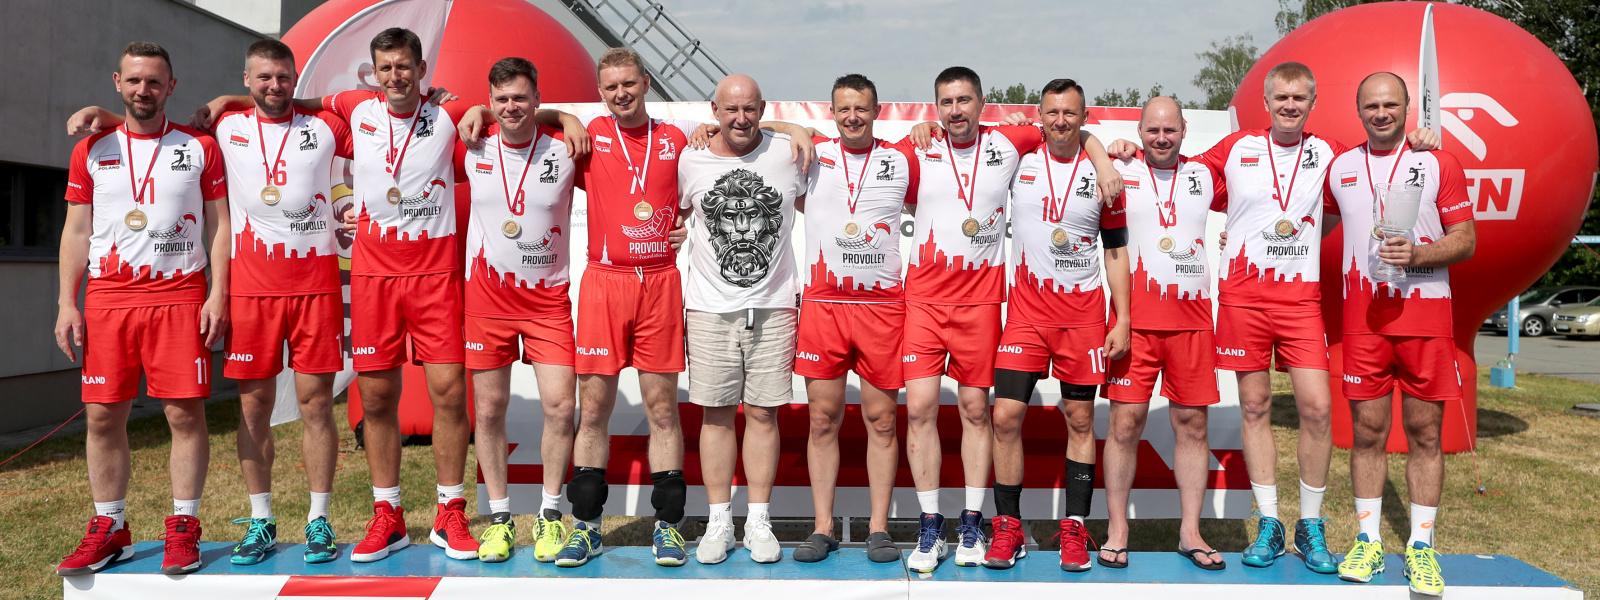 Medalowy dzień ORLEN XXIV Mistrzostw Polski Oldboyów